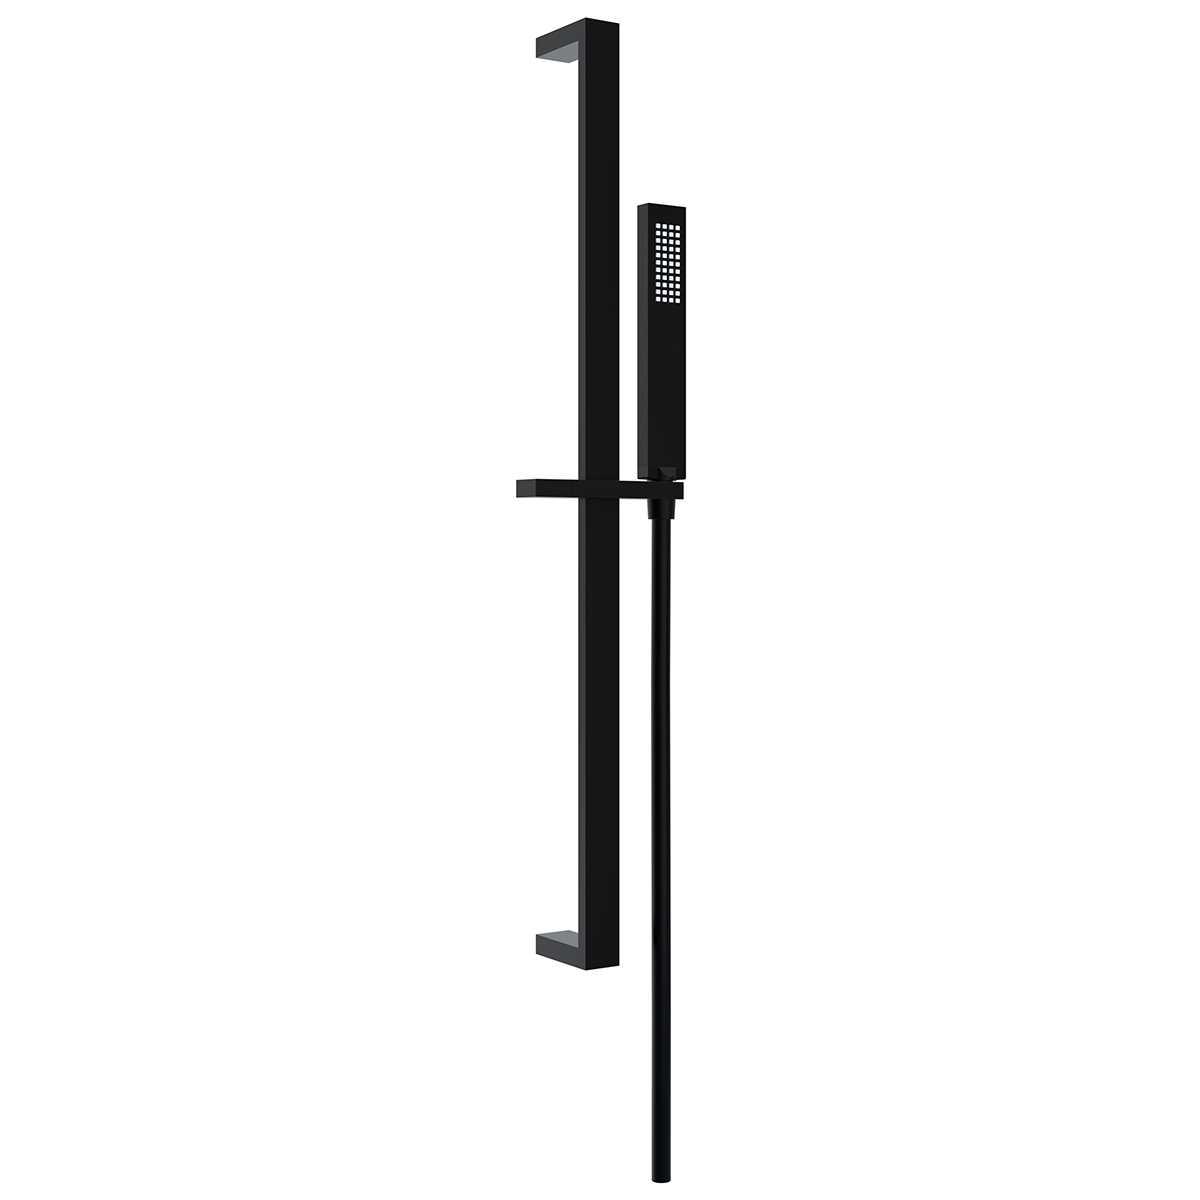 Ponsi Asta doccia Square rettangolare in ottone nero opaco doccetta Flat Foto 1